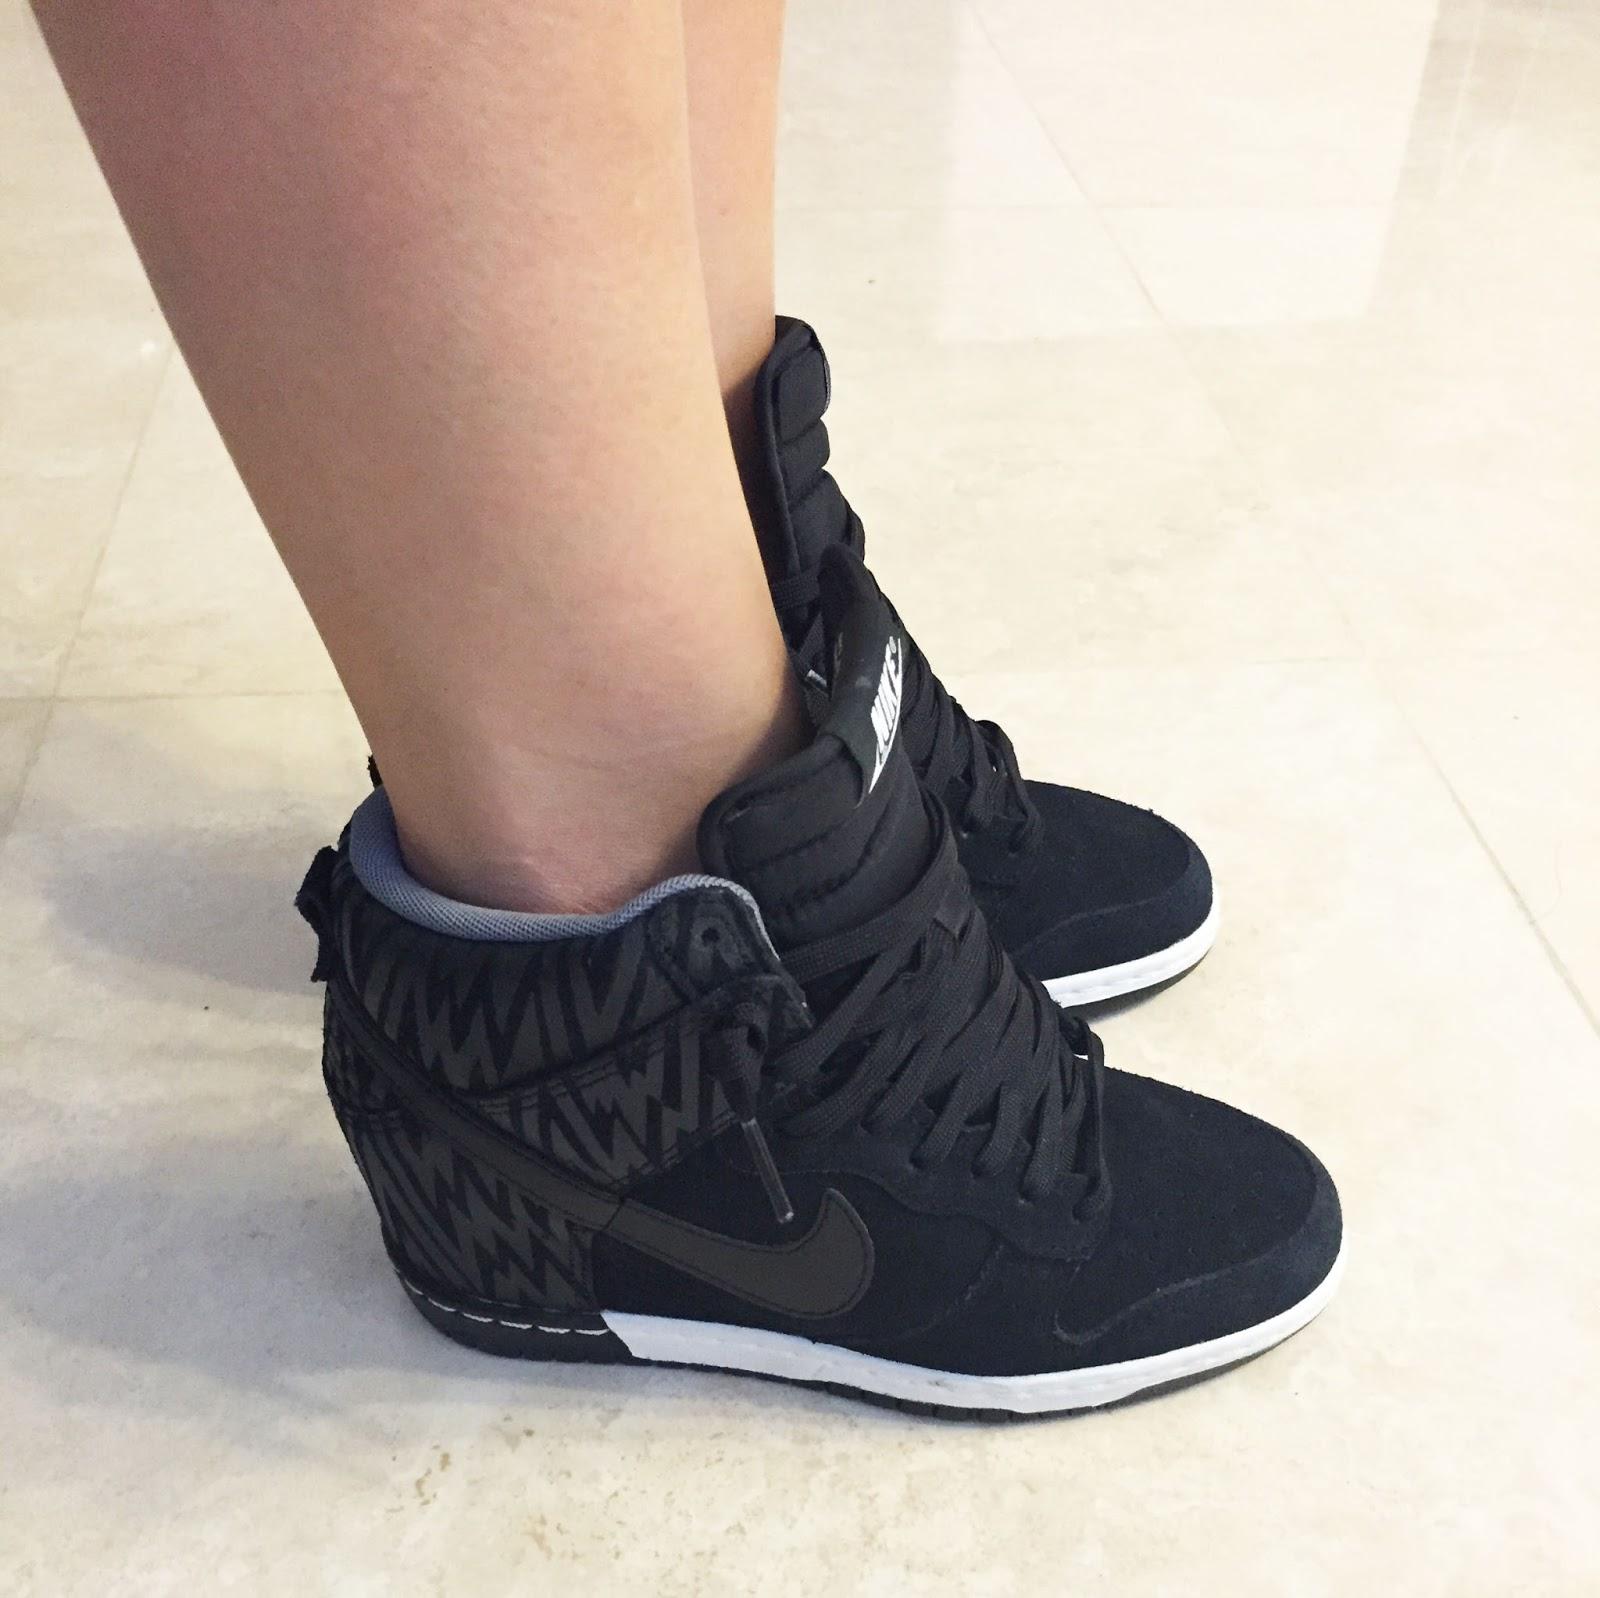 7928d9ed50c 2015 0804 Nike Dunk Sky Hi Wedge Sneakers Black3AAnthracite3ACool Grey